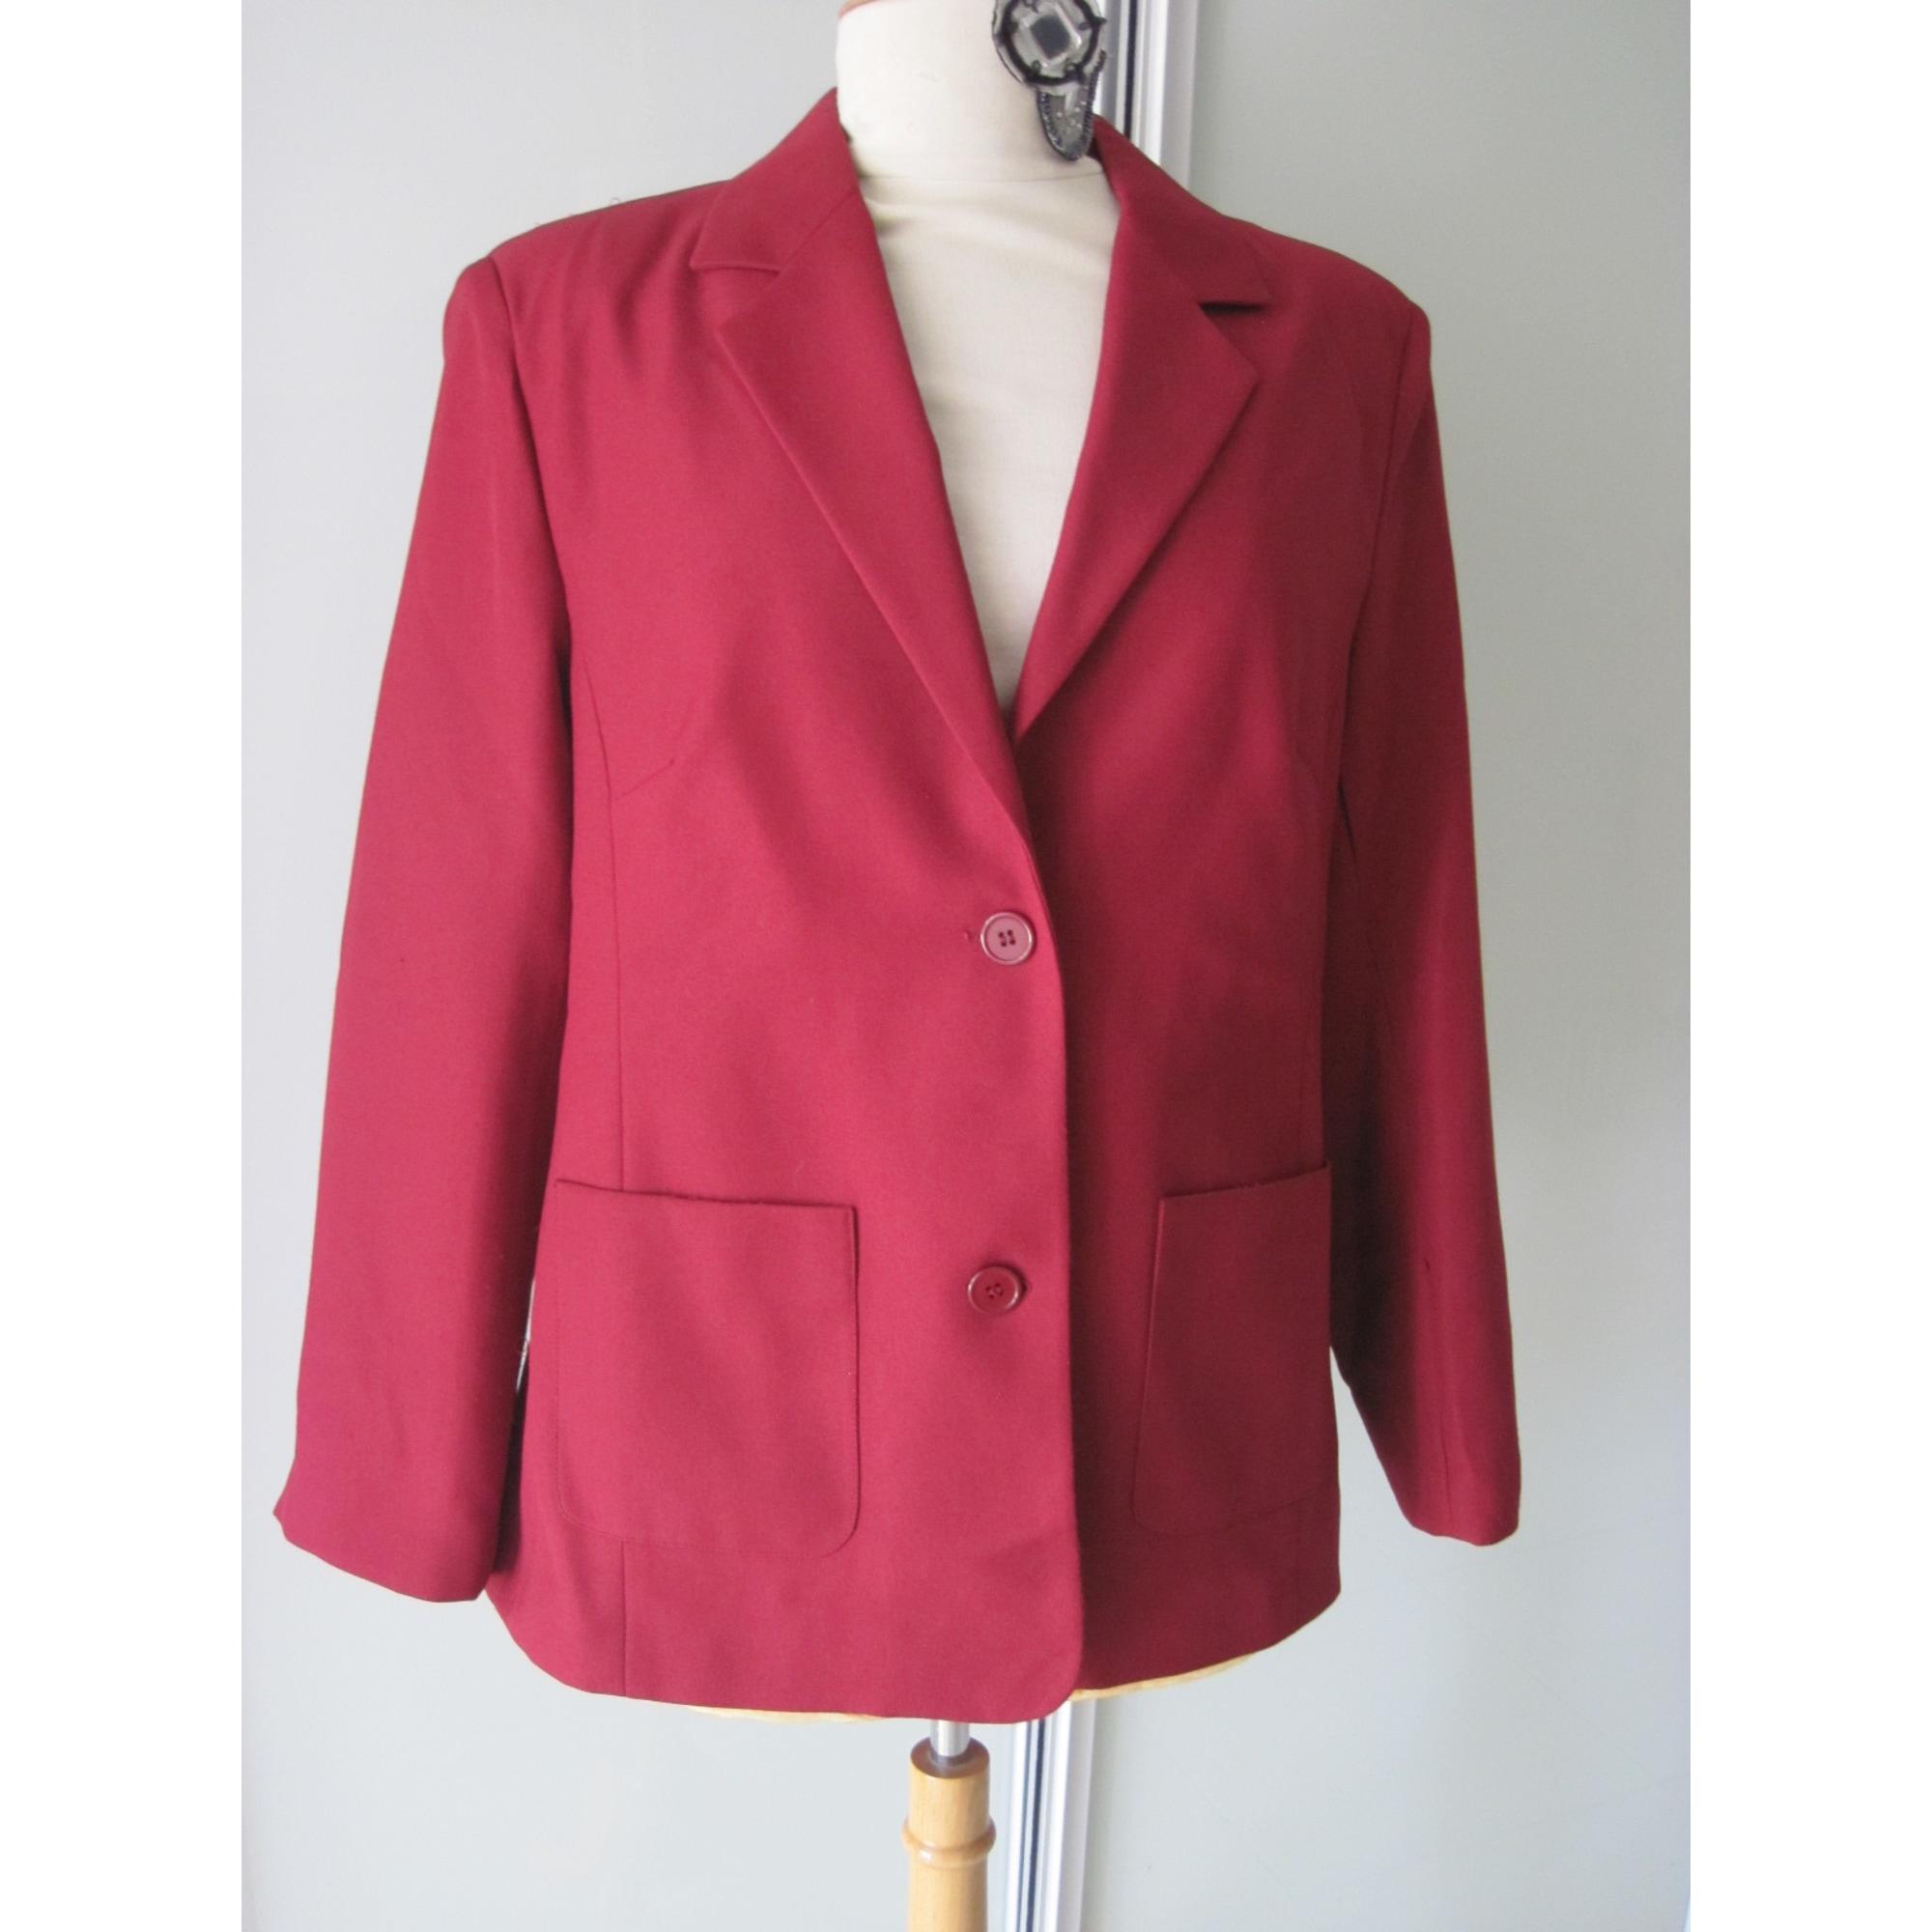 Blazer, veste tailleur DAXON Rouge, bordeaux